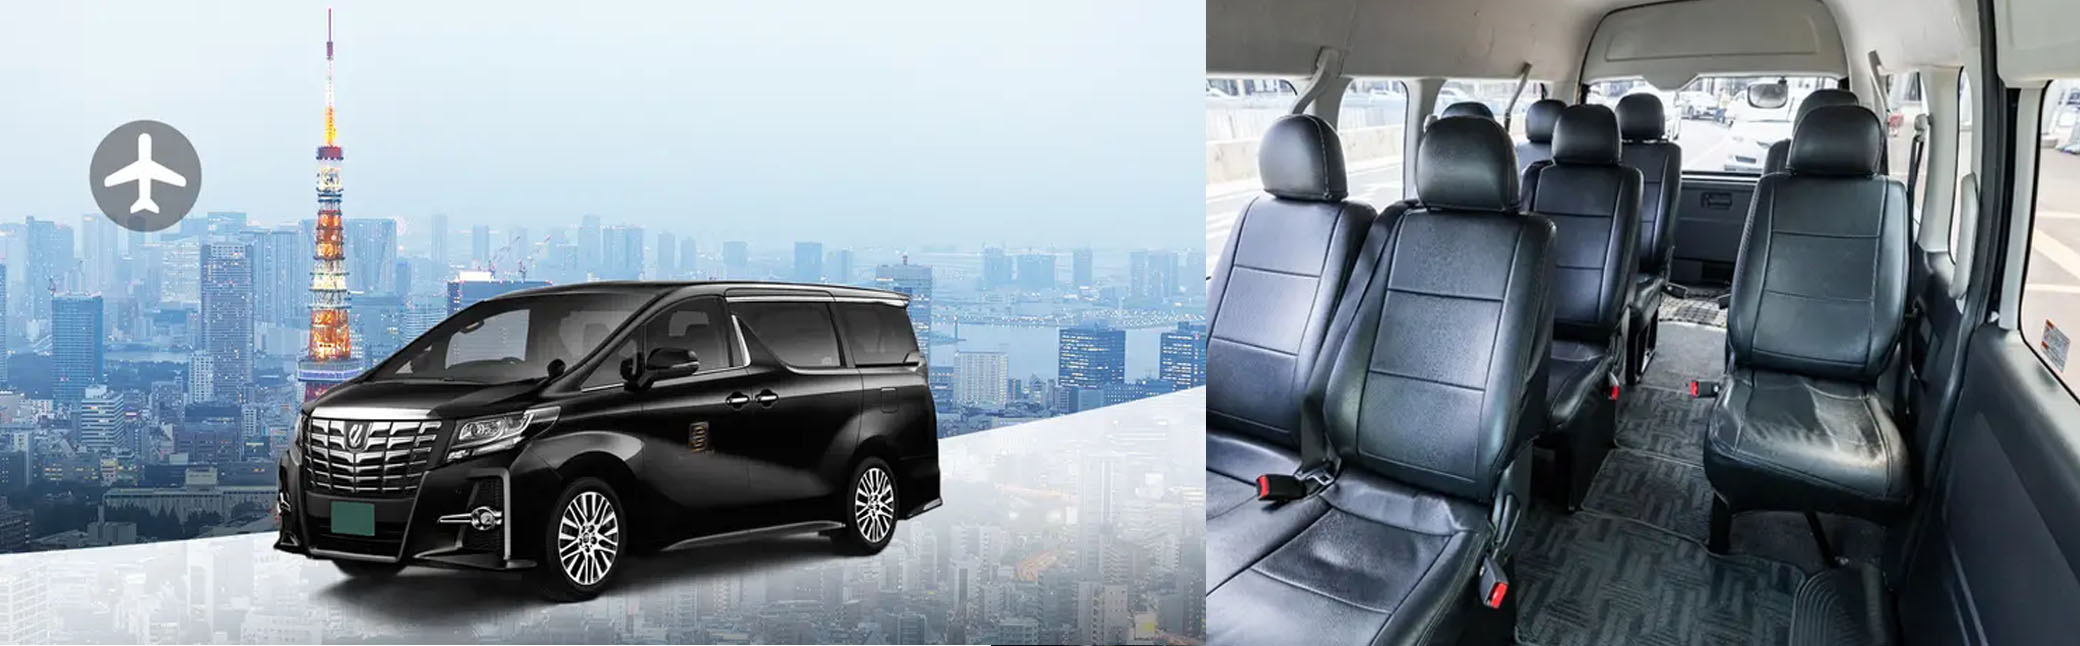 บริการรถรับส่งร่วมจากสนามบินนาริตะ (NRT) หรือสนามบินฮาเนดะ (HND) ไปยังตัวเมืองโตเกียว